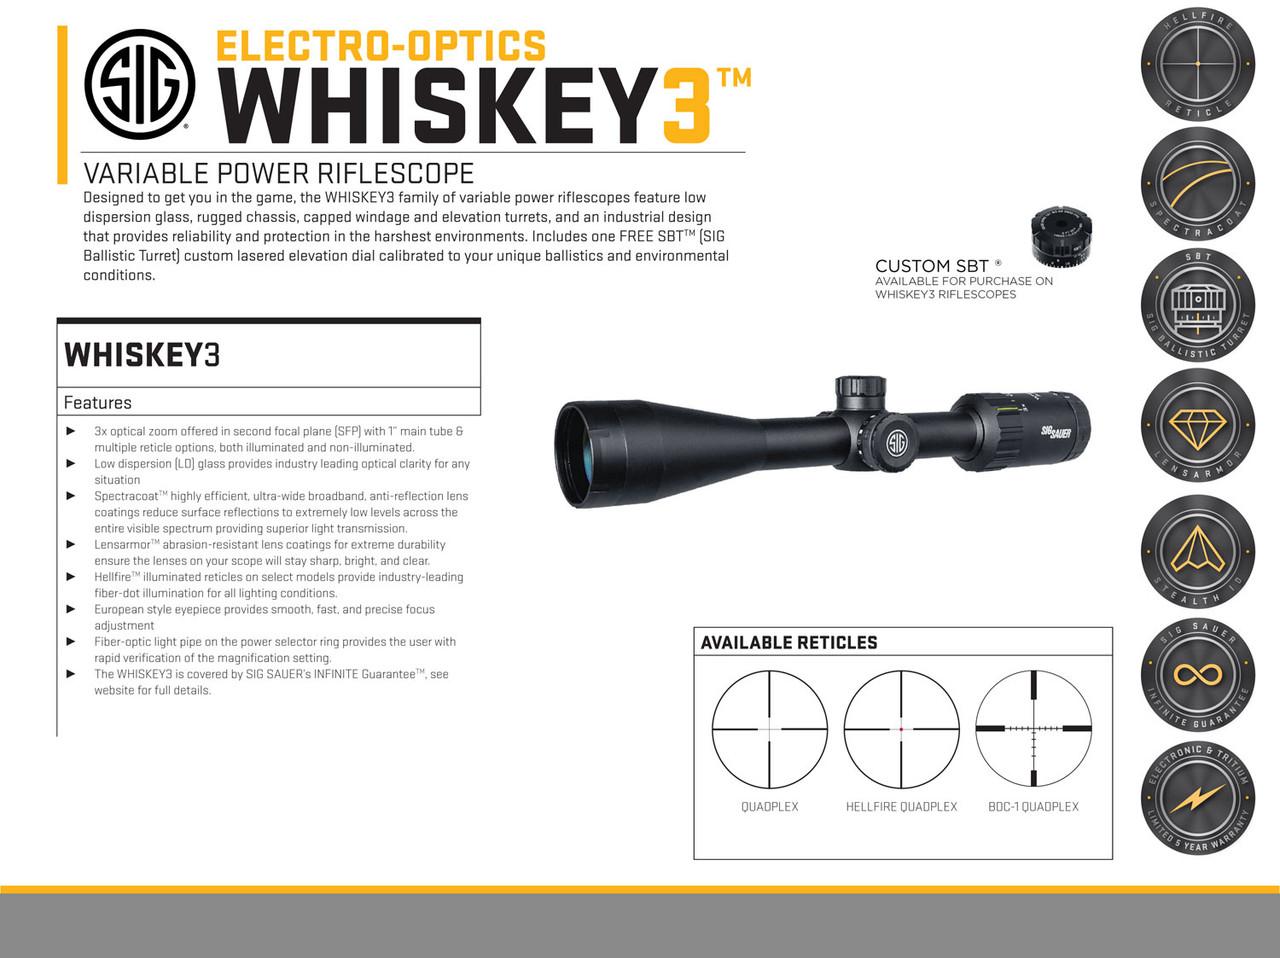 Sig Sauer Electro-Optics Whiskey3 4-12x